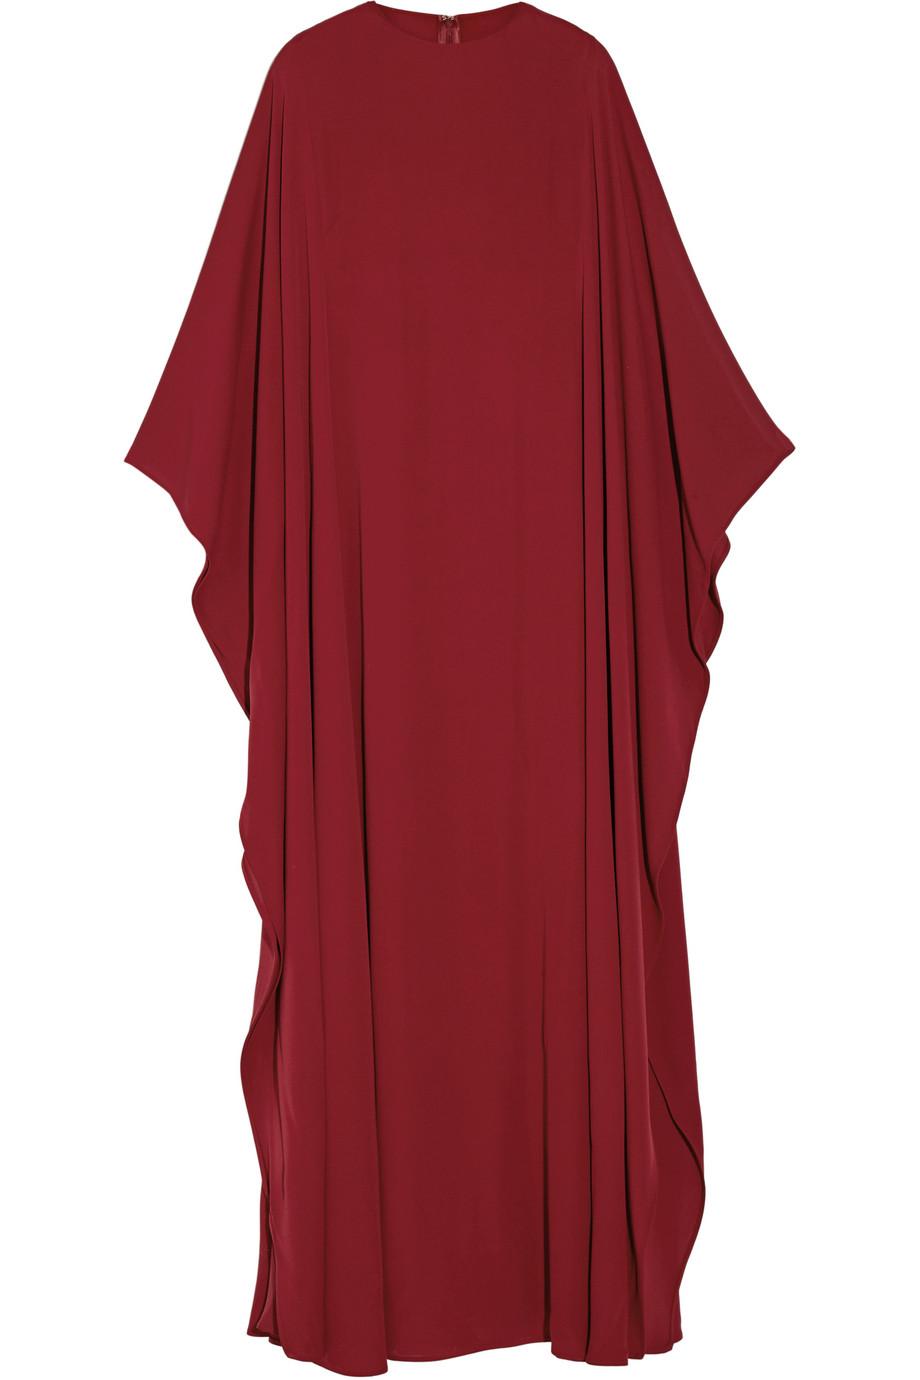 Valentino Silk-Georgette Gown, Burgundy, Women's, Size: 44